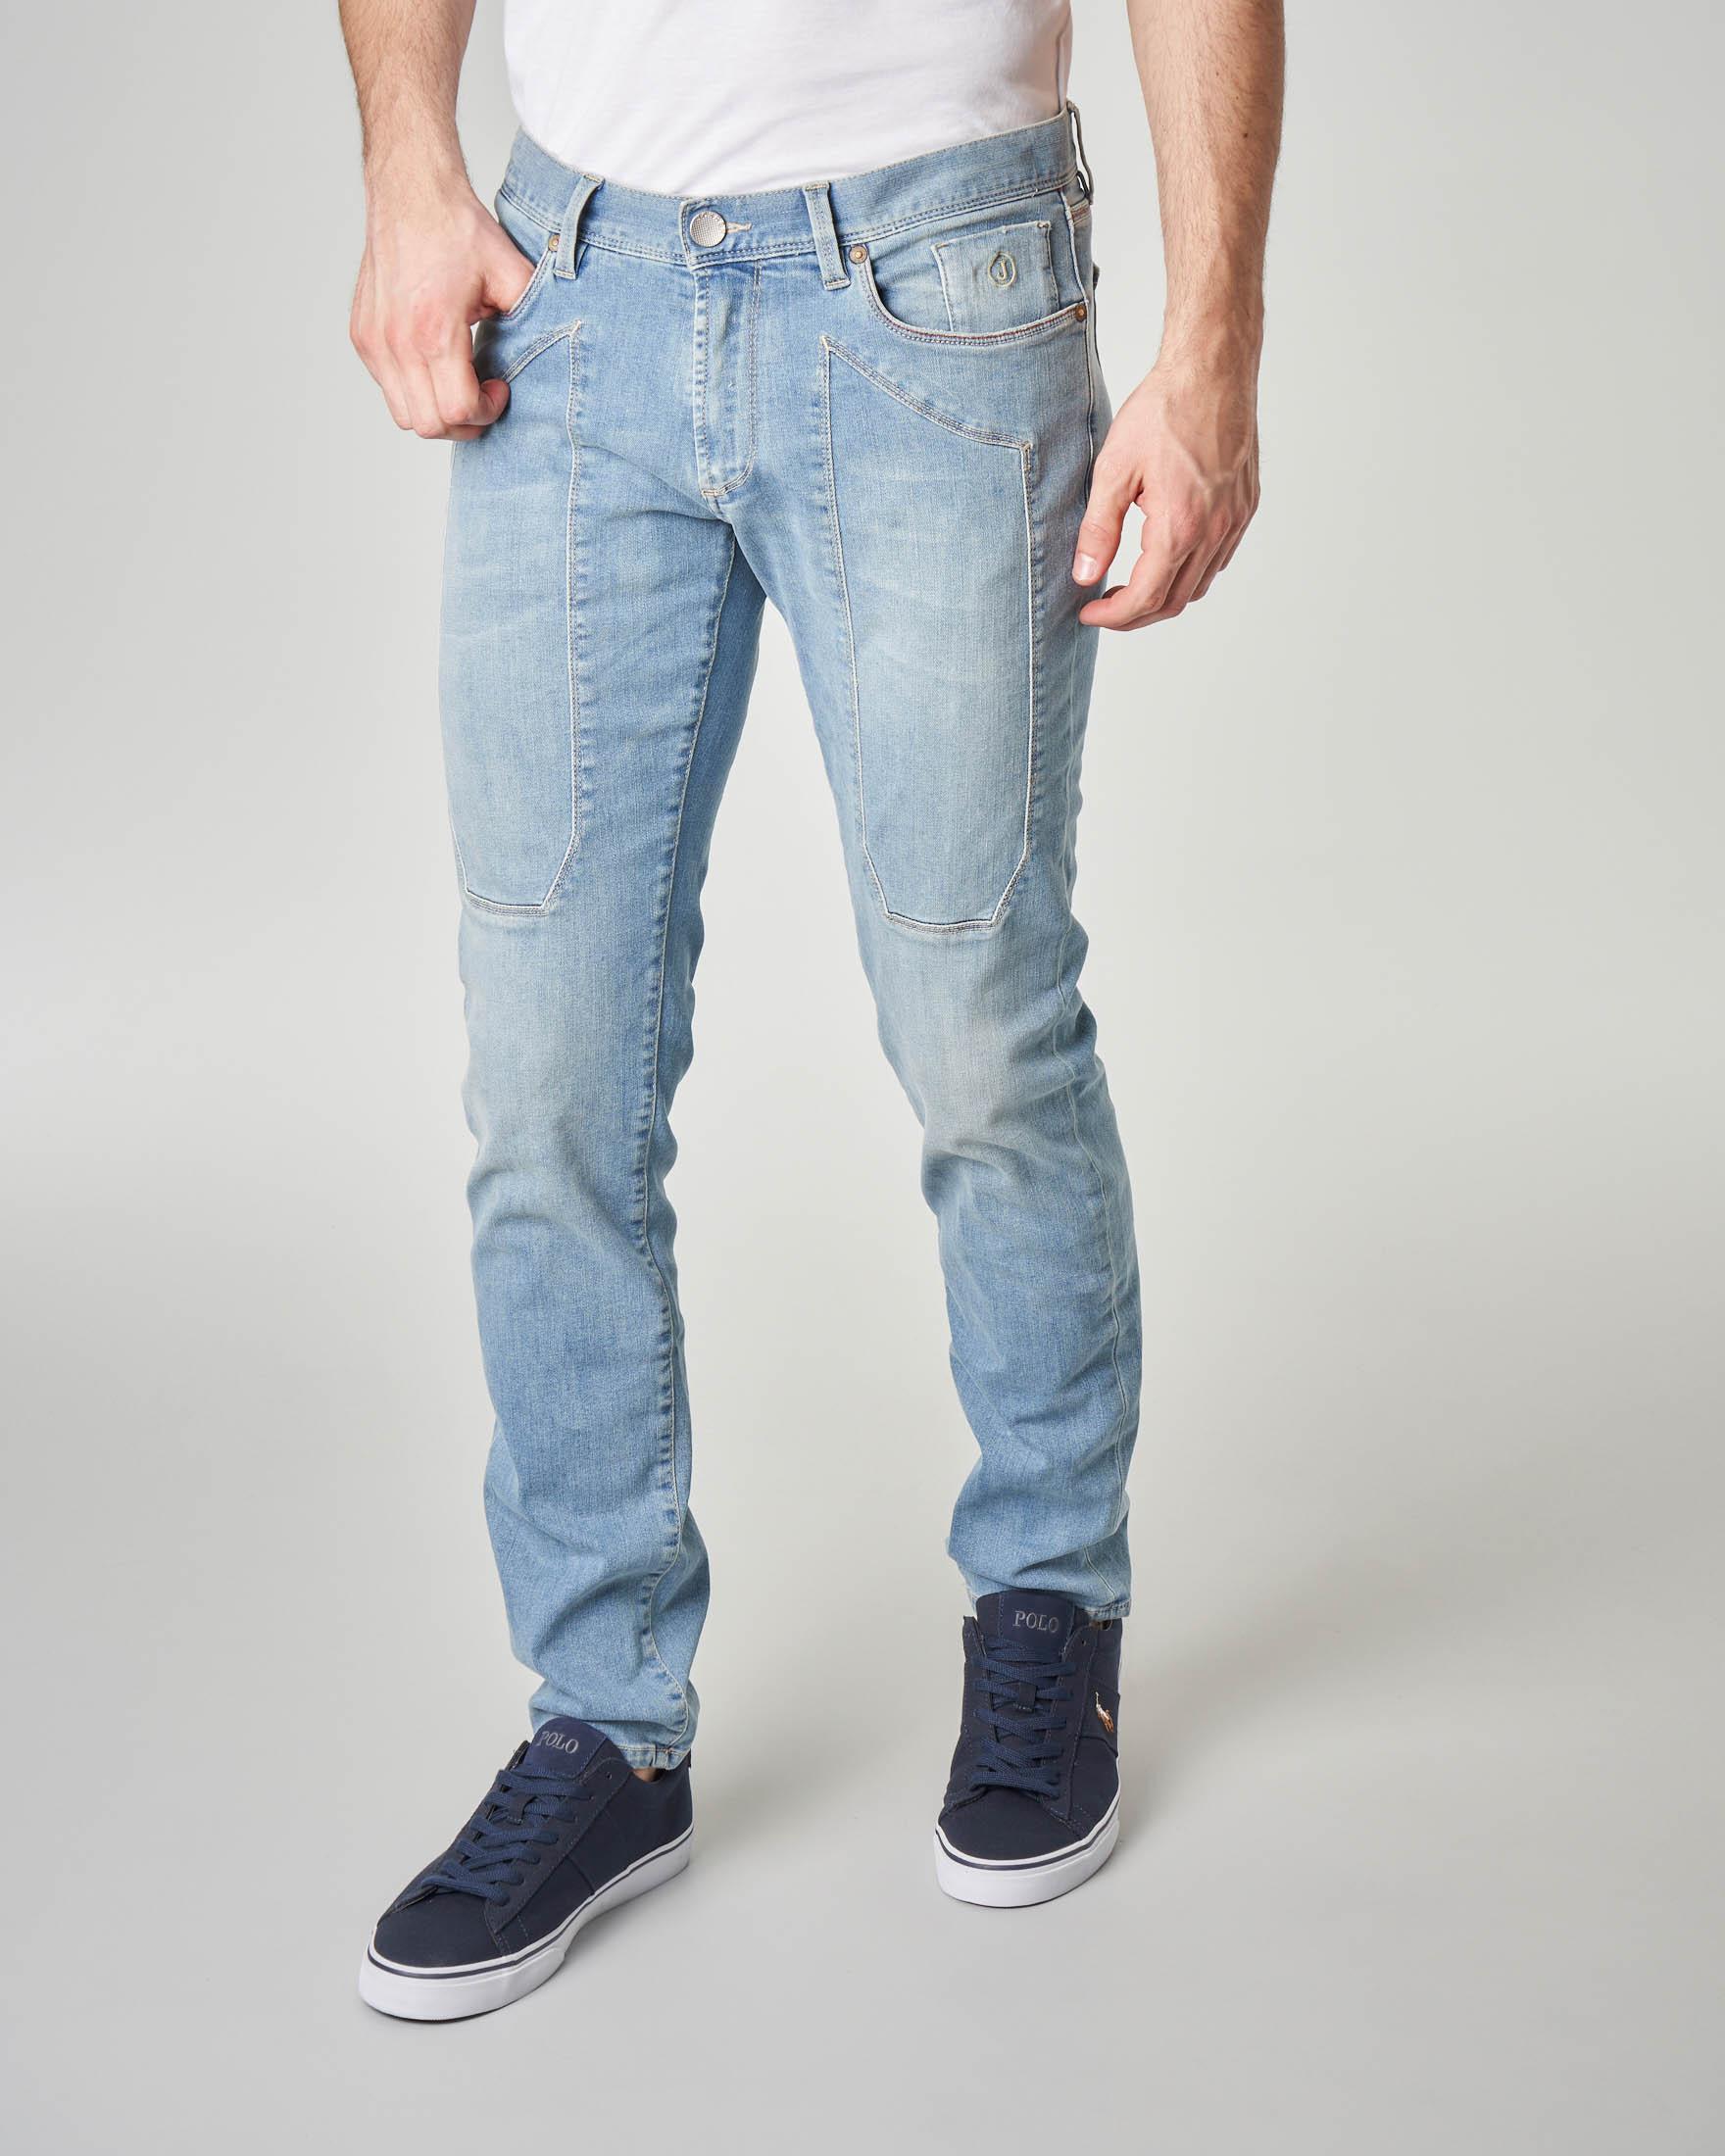 Jeans PA77 con toppa lavaggio bleach